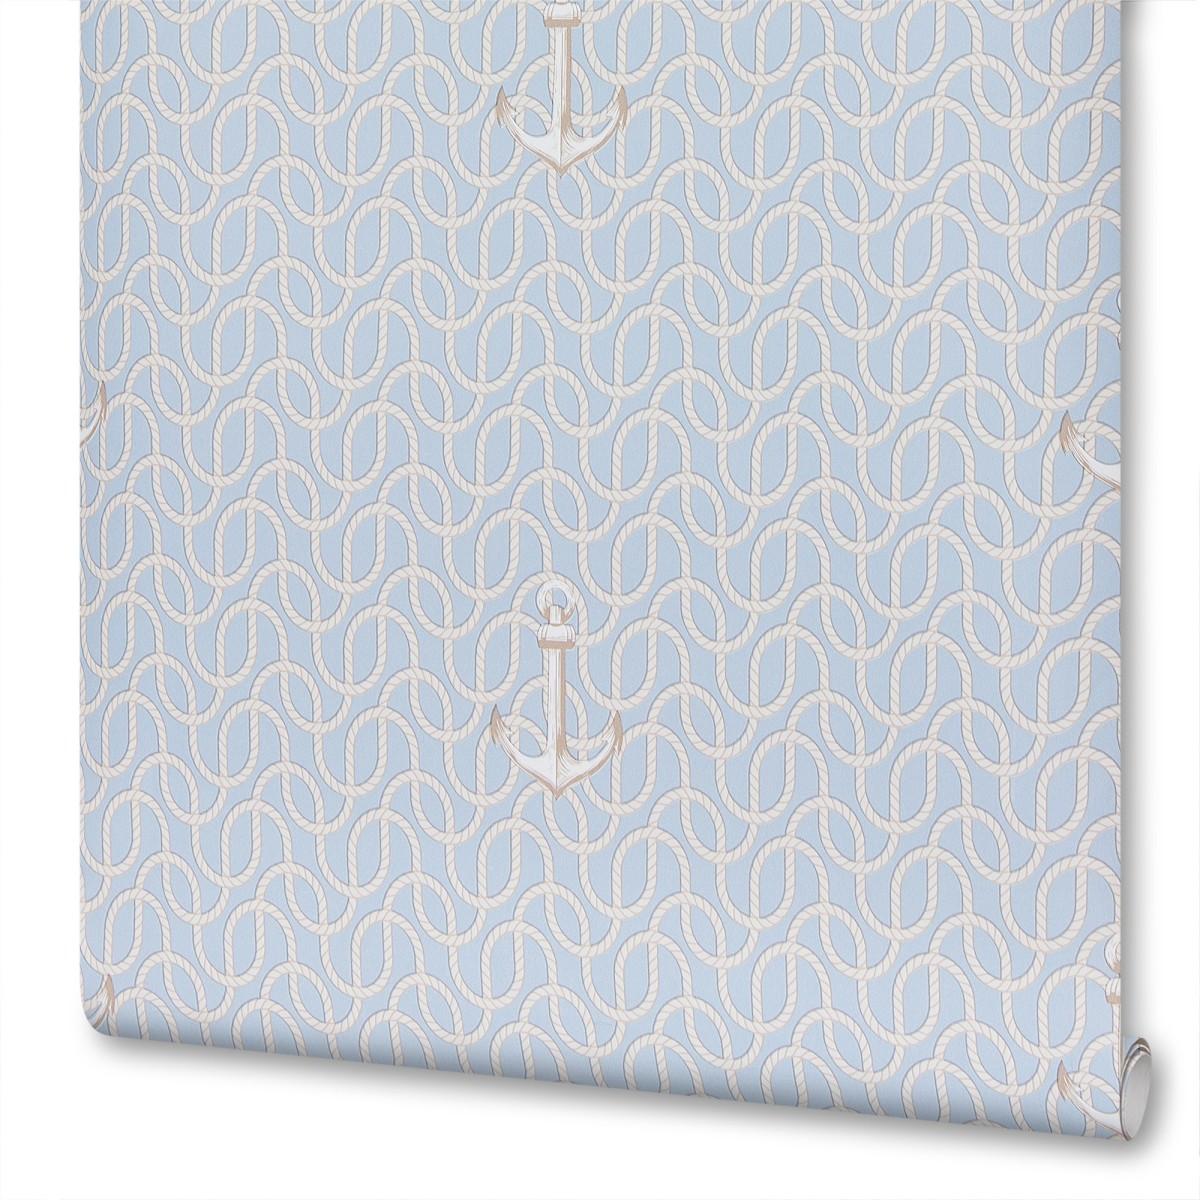 Обои флизелиновые для детской Якорь 0.53х10.05 м цвет голубой